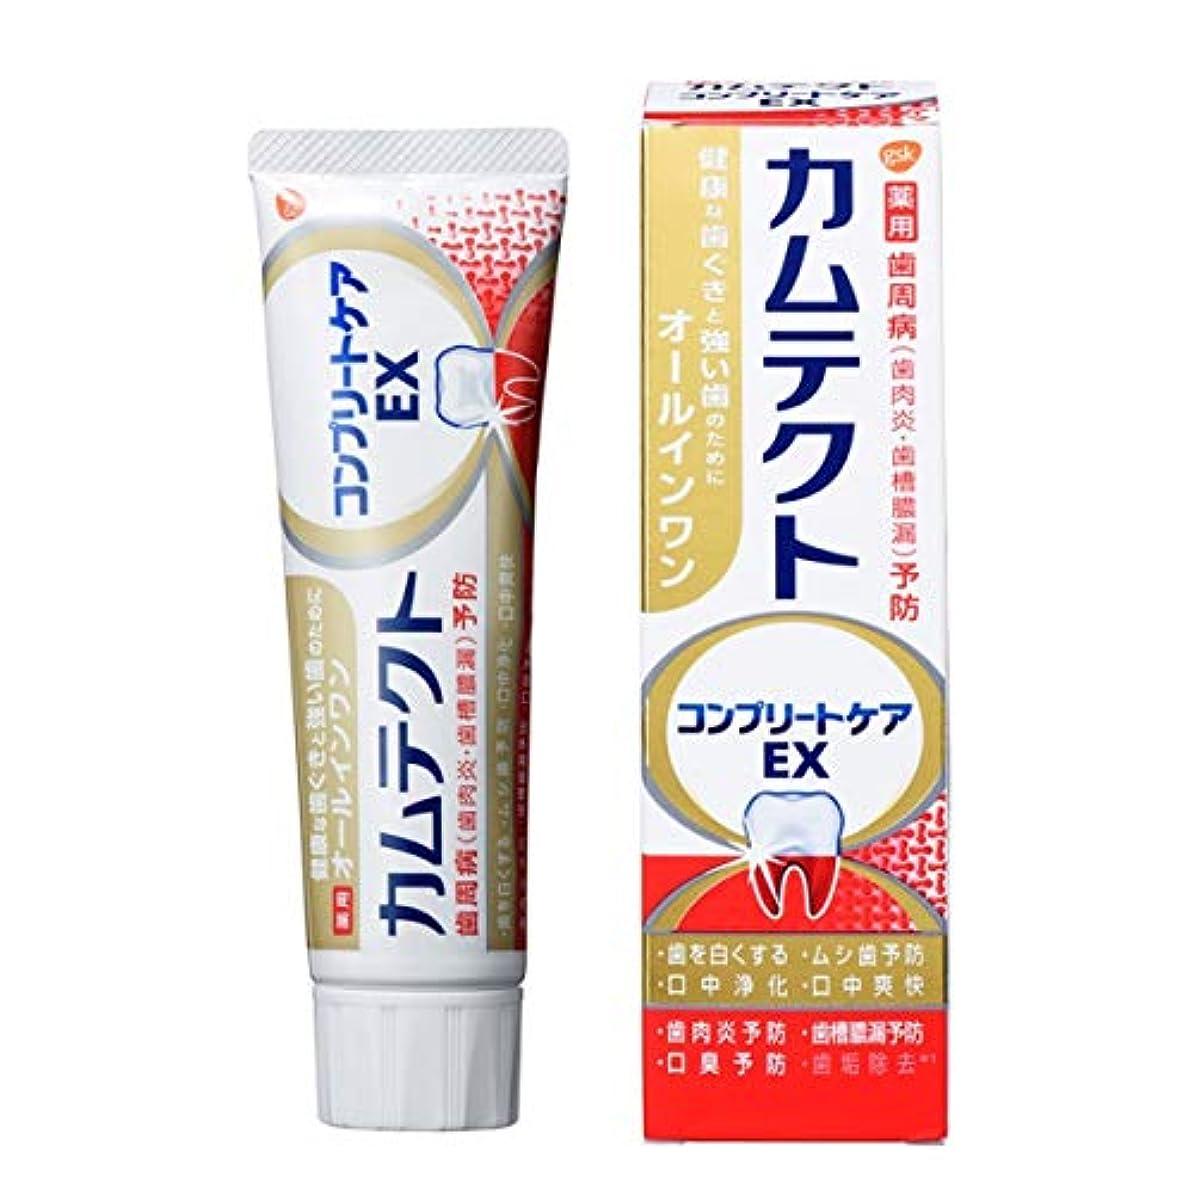 ミサイルフットボールリストカムテクト コンプリートケアEX 歯周病(歯肉炎?歯槽膿漏) 予防 歯磨き粉 105g